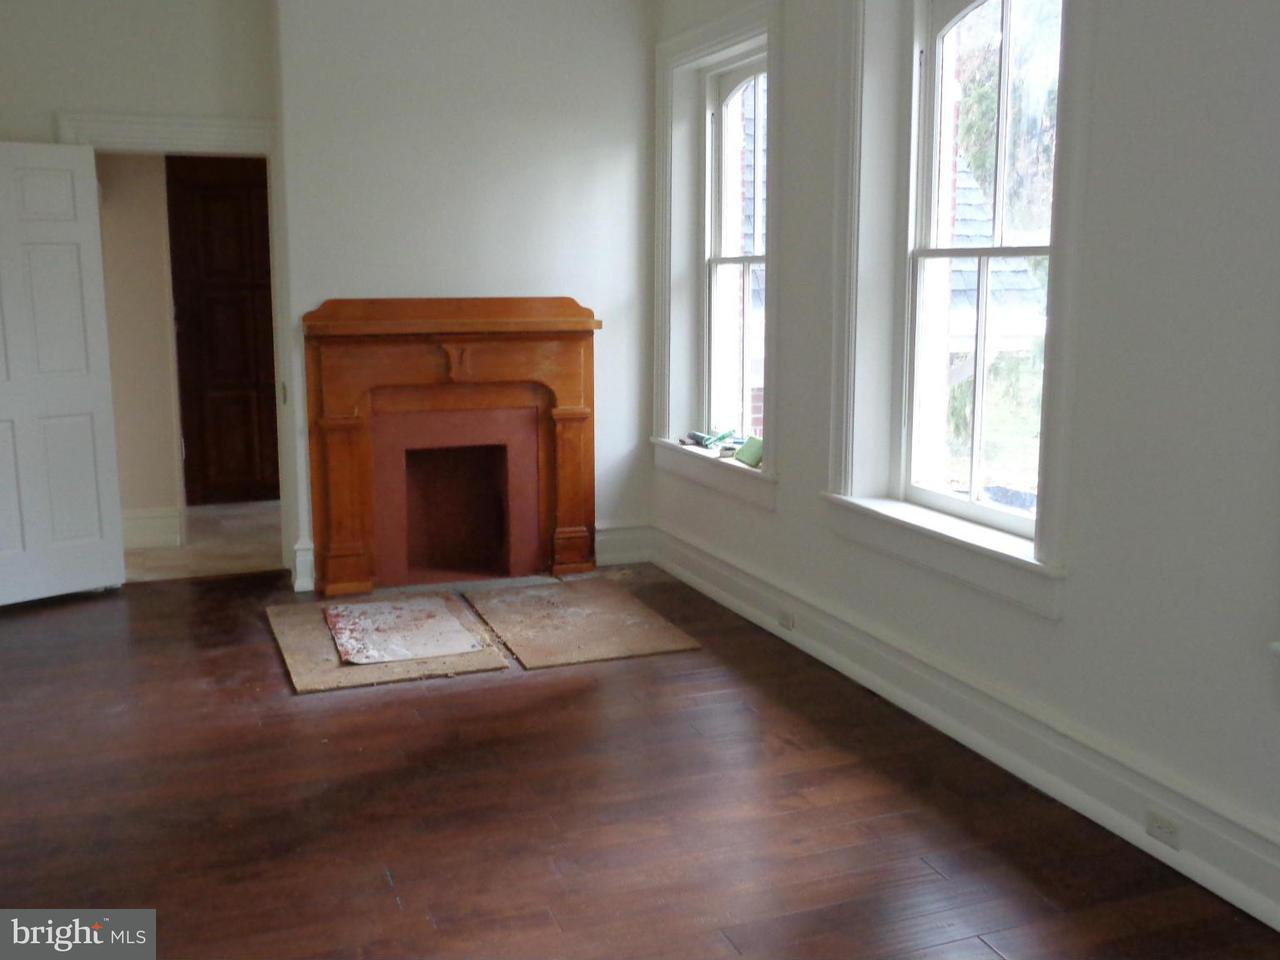 獨棟家庭住宅 為 出售 在 213 PRINCE Street 213 PRINCE Street Shippensburg, 賓夕法尼亞州 17257 美國